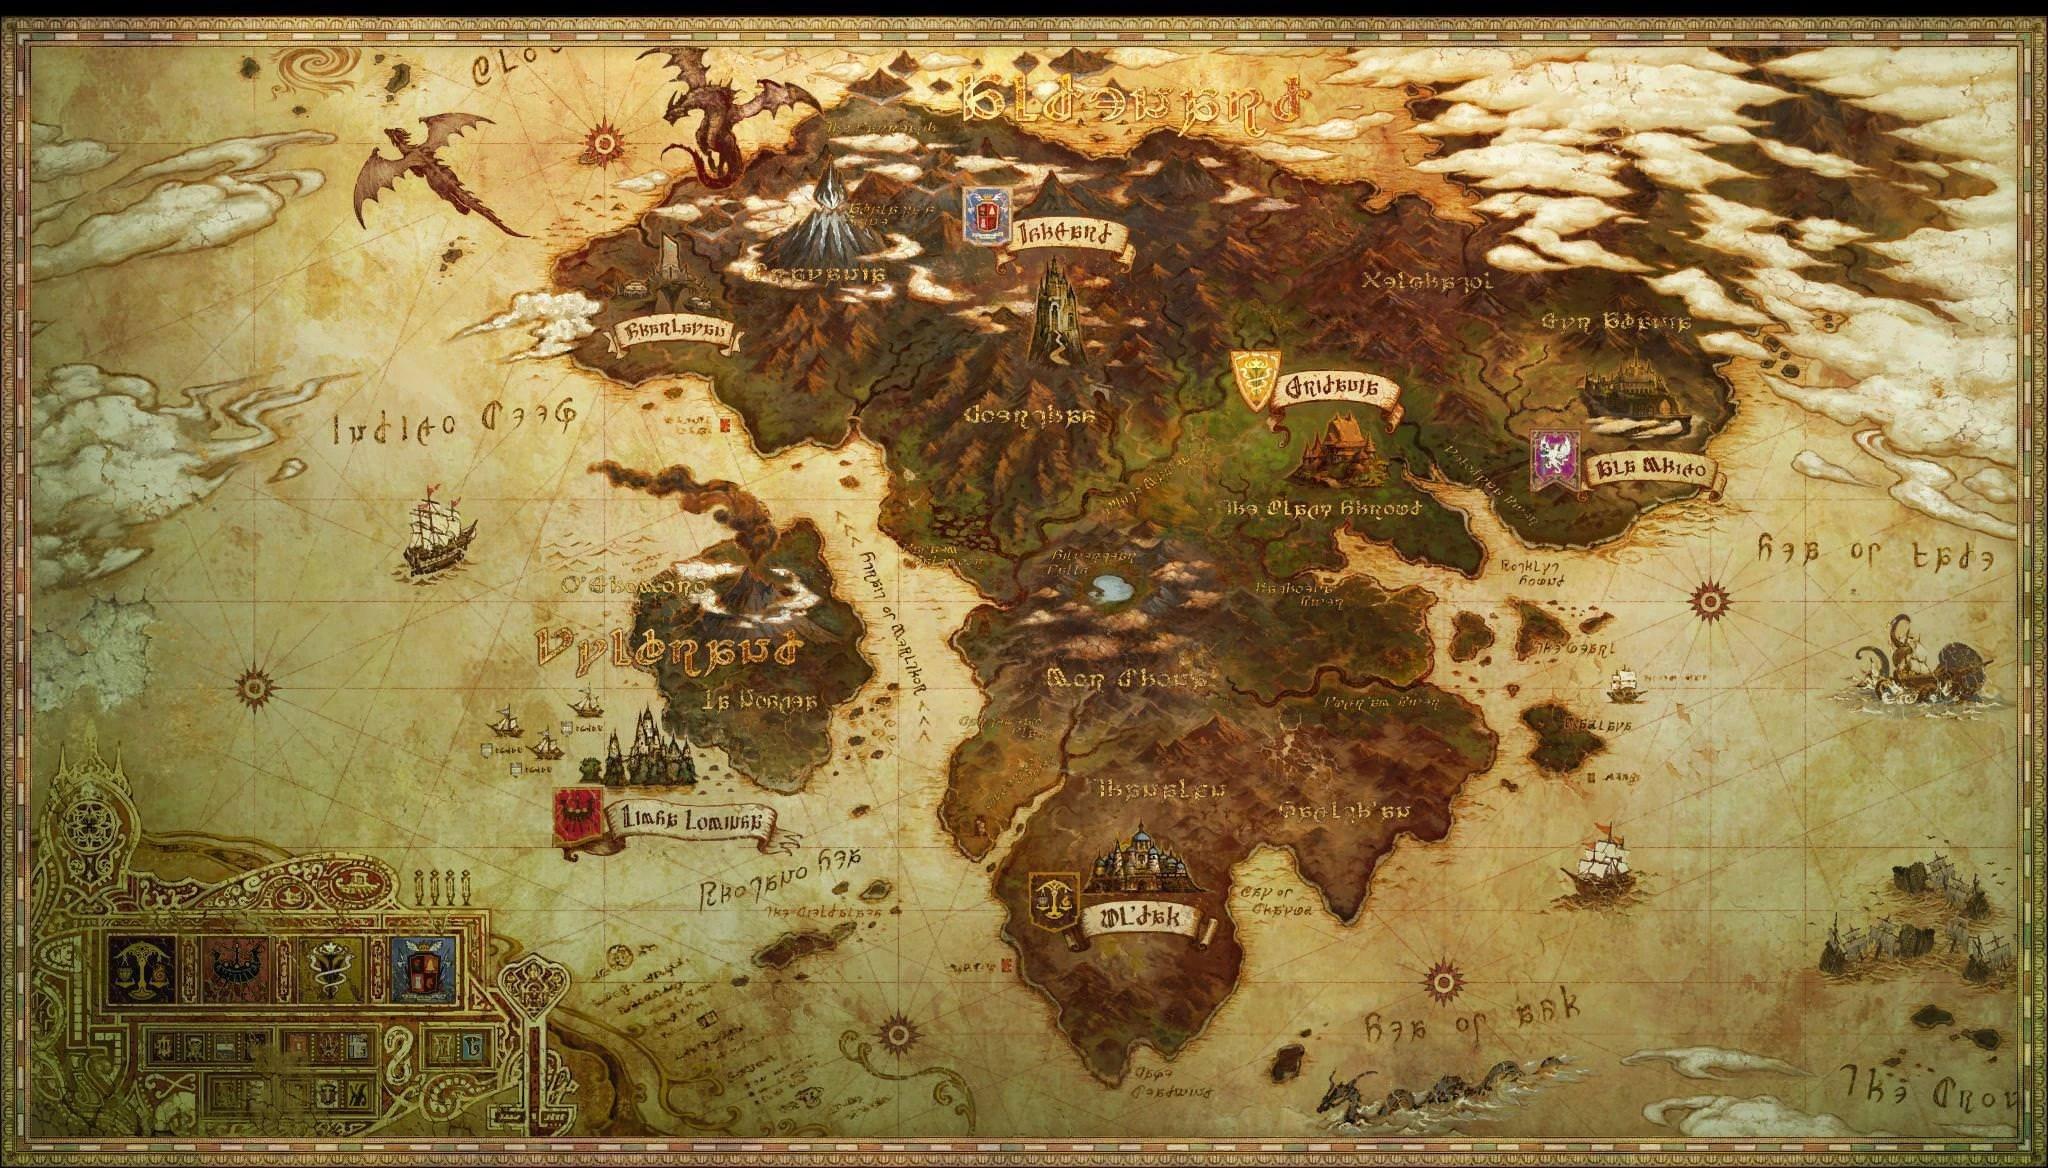 FFXIV World Map Showing Garlean Control